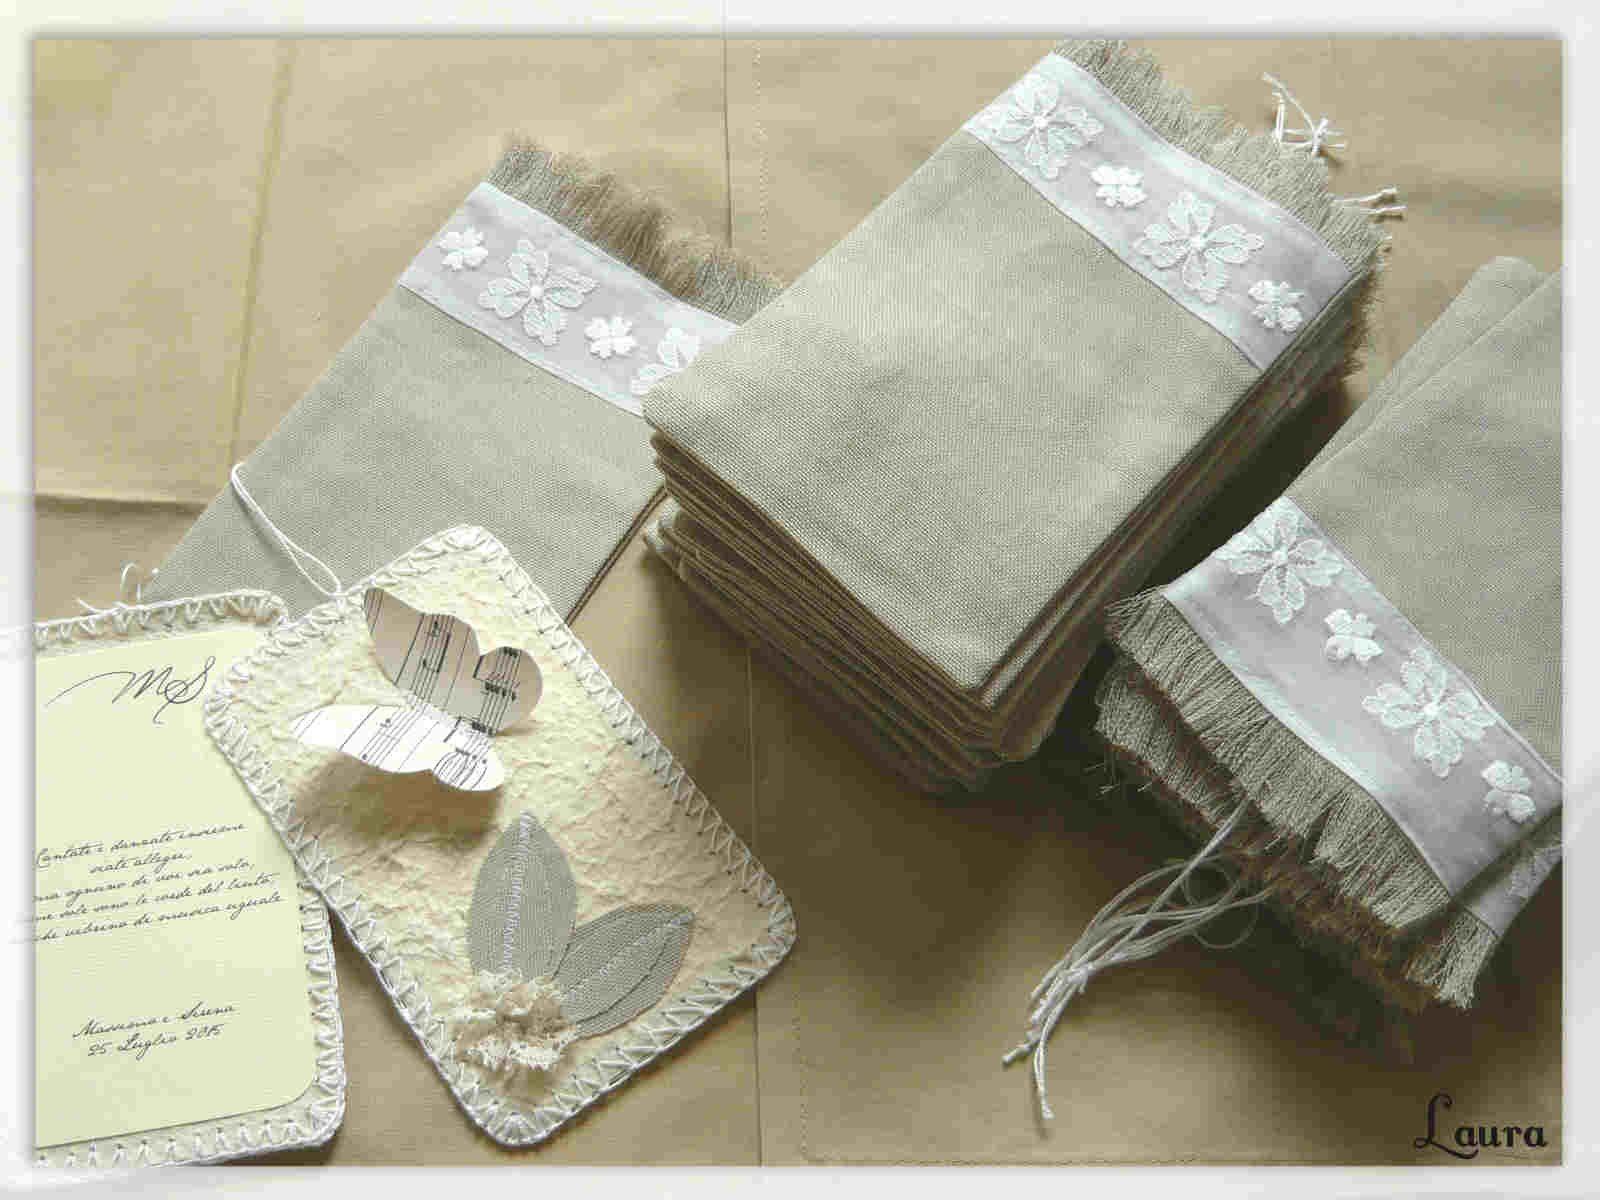 Partecipazioni Matrimonio Uncinetto.Partecipazioni Carta A Mano Rifinite A Crochet Con Applicazioni Di